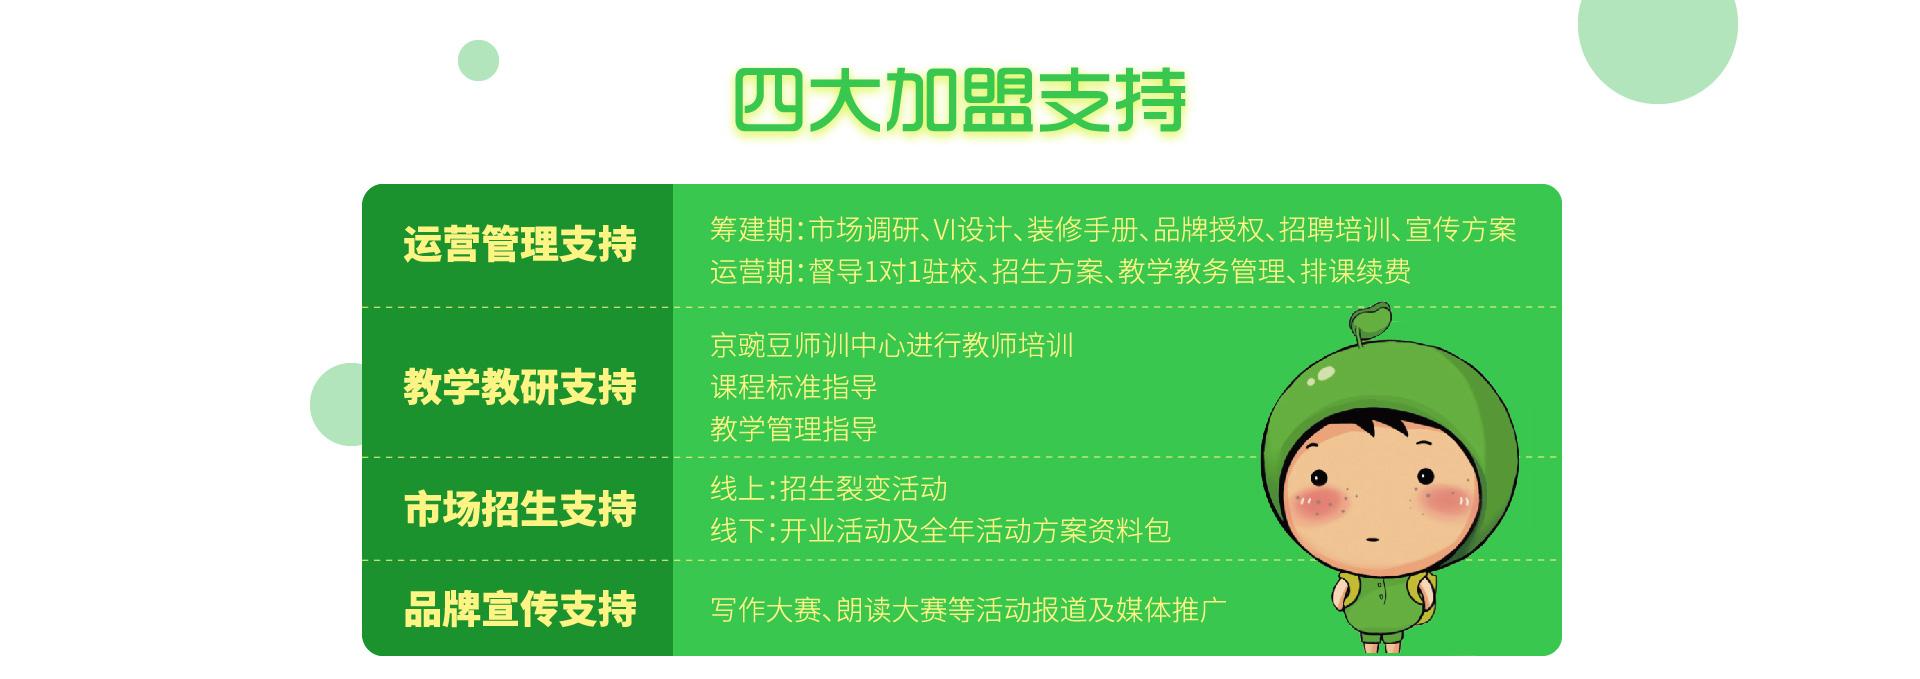 京豌豆新語文jwd_15